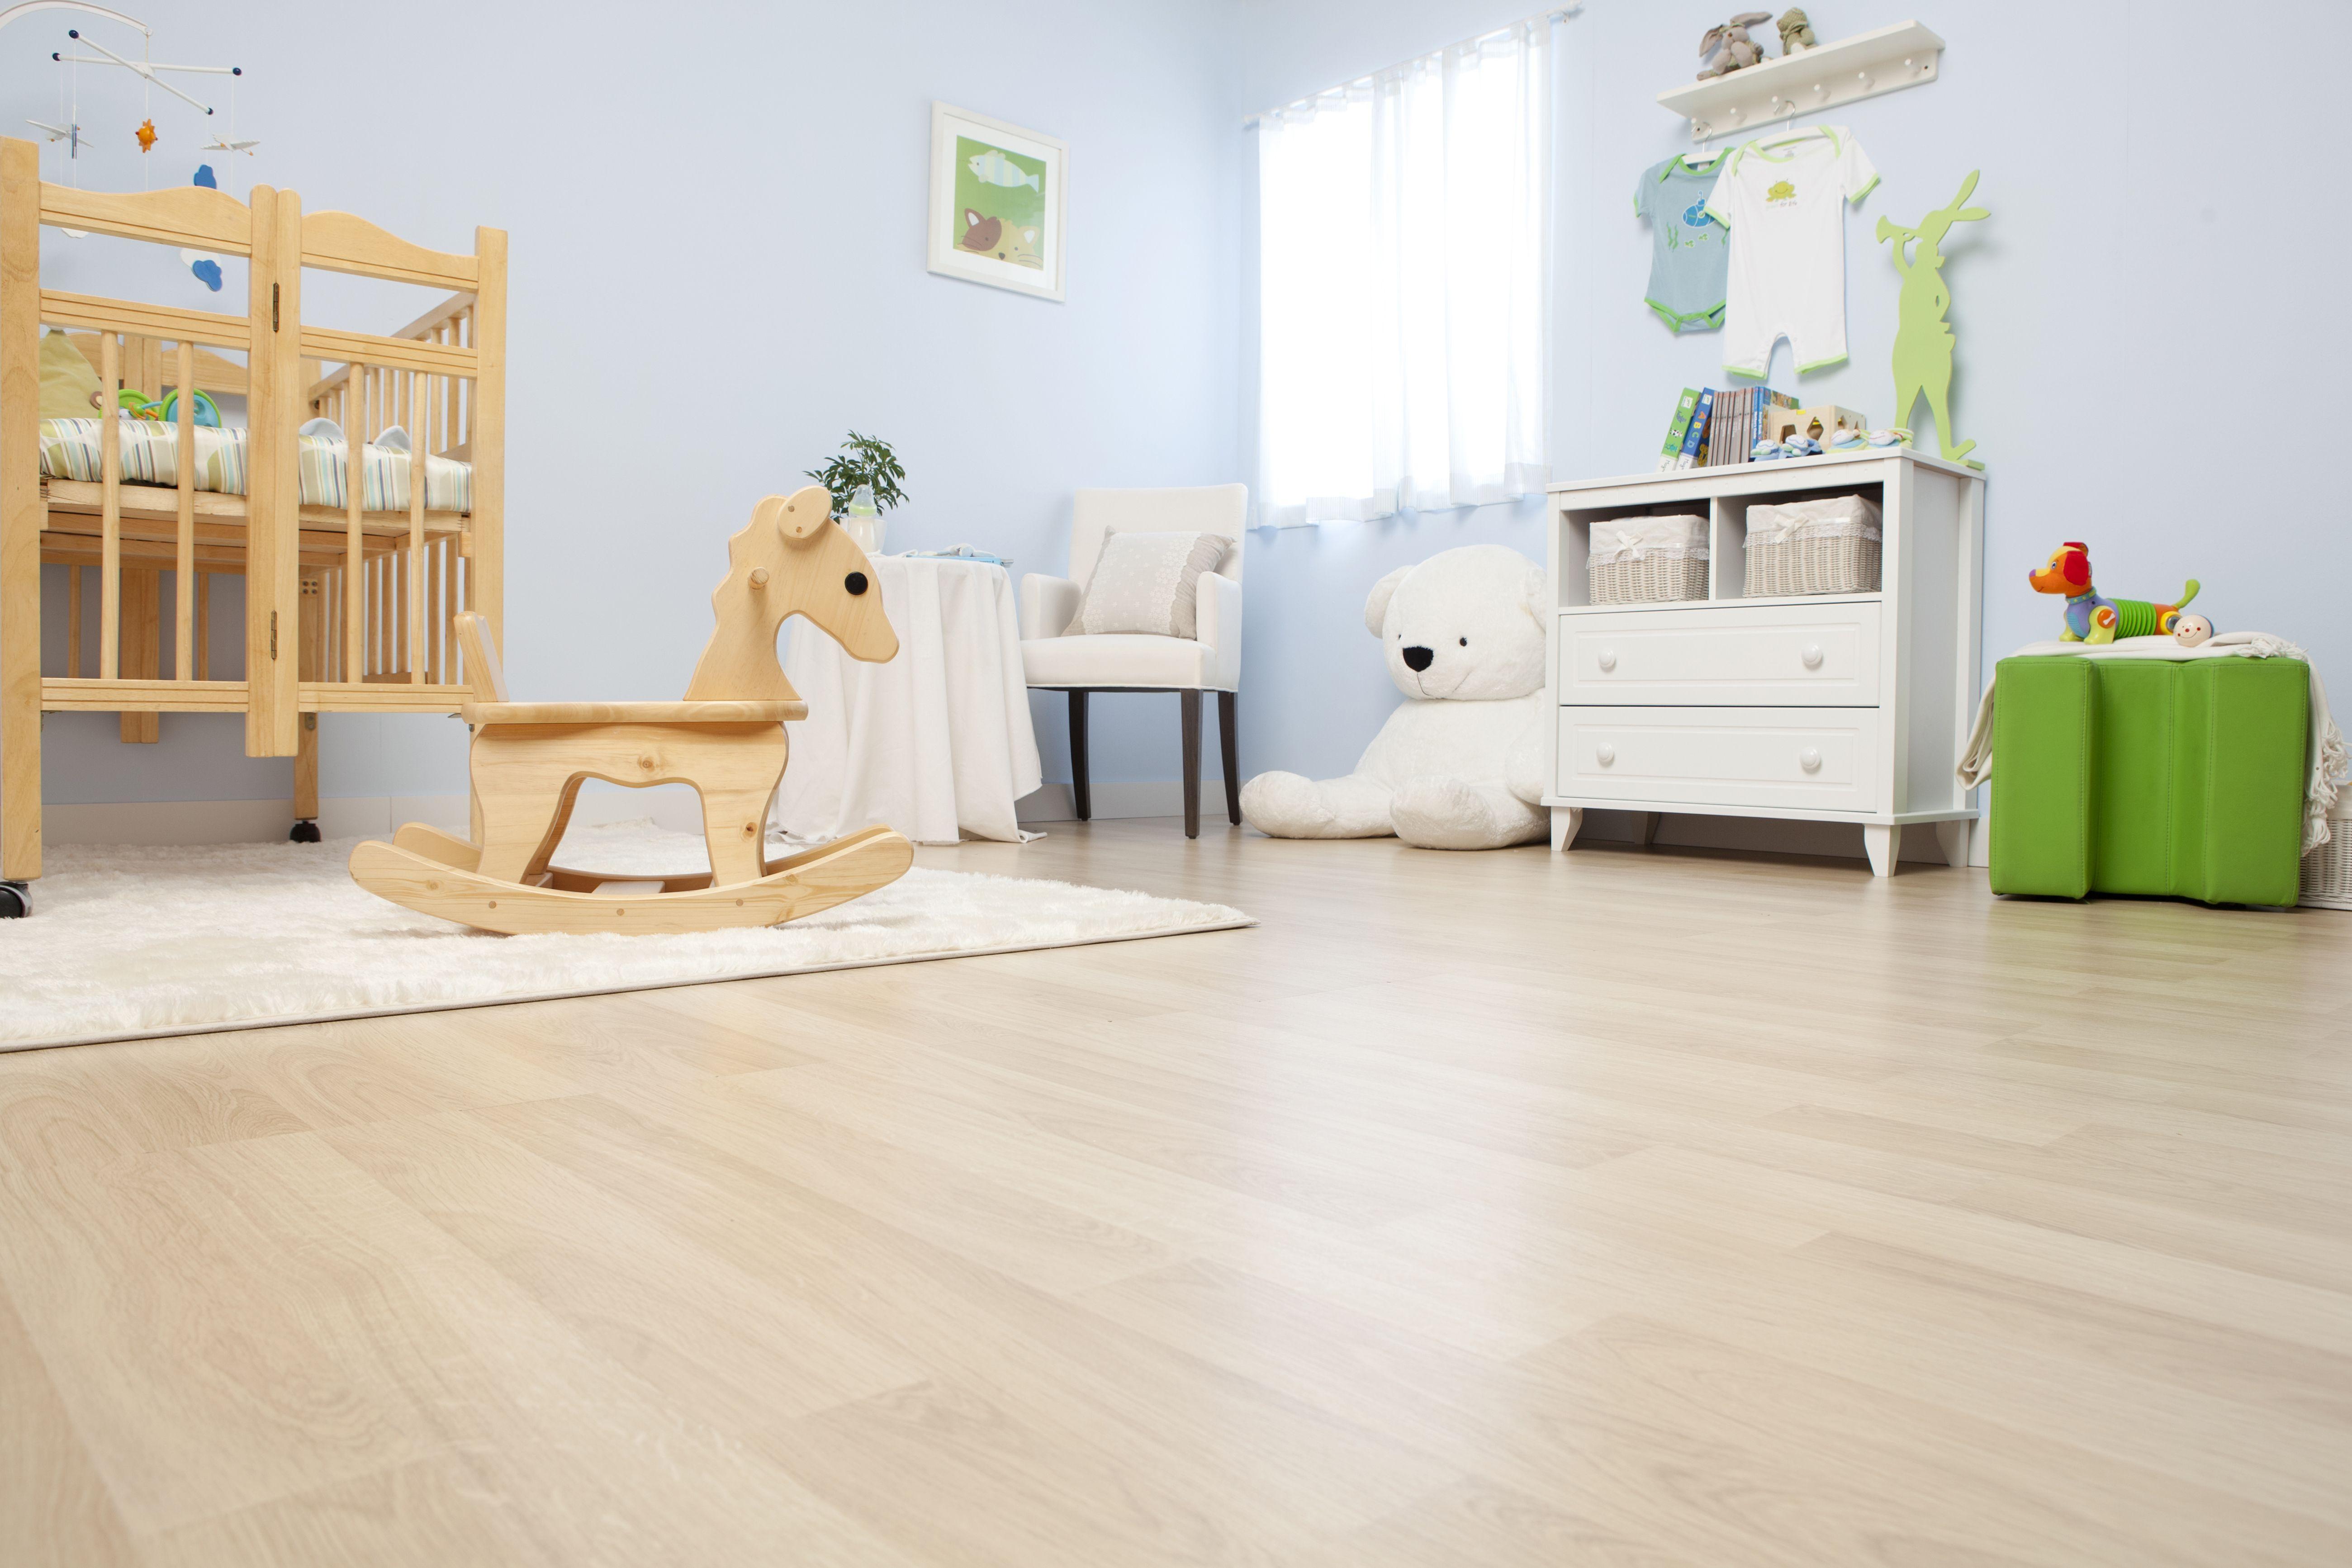 Chambre bébé sans formaldéhyde :  privilégier un air sain